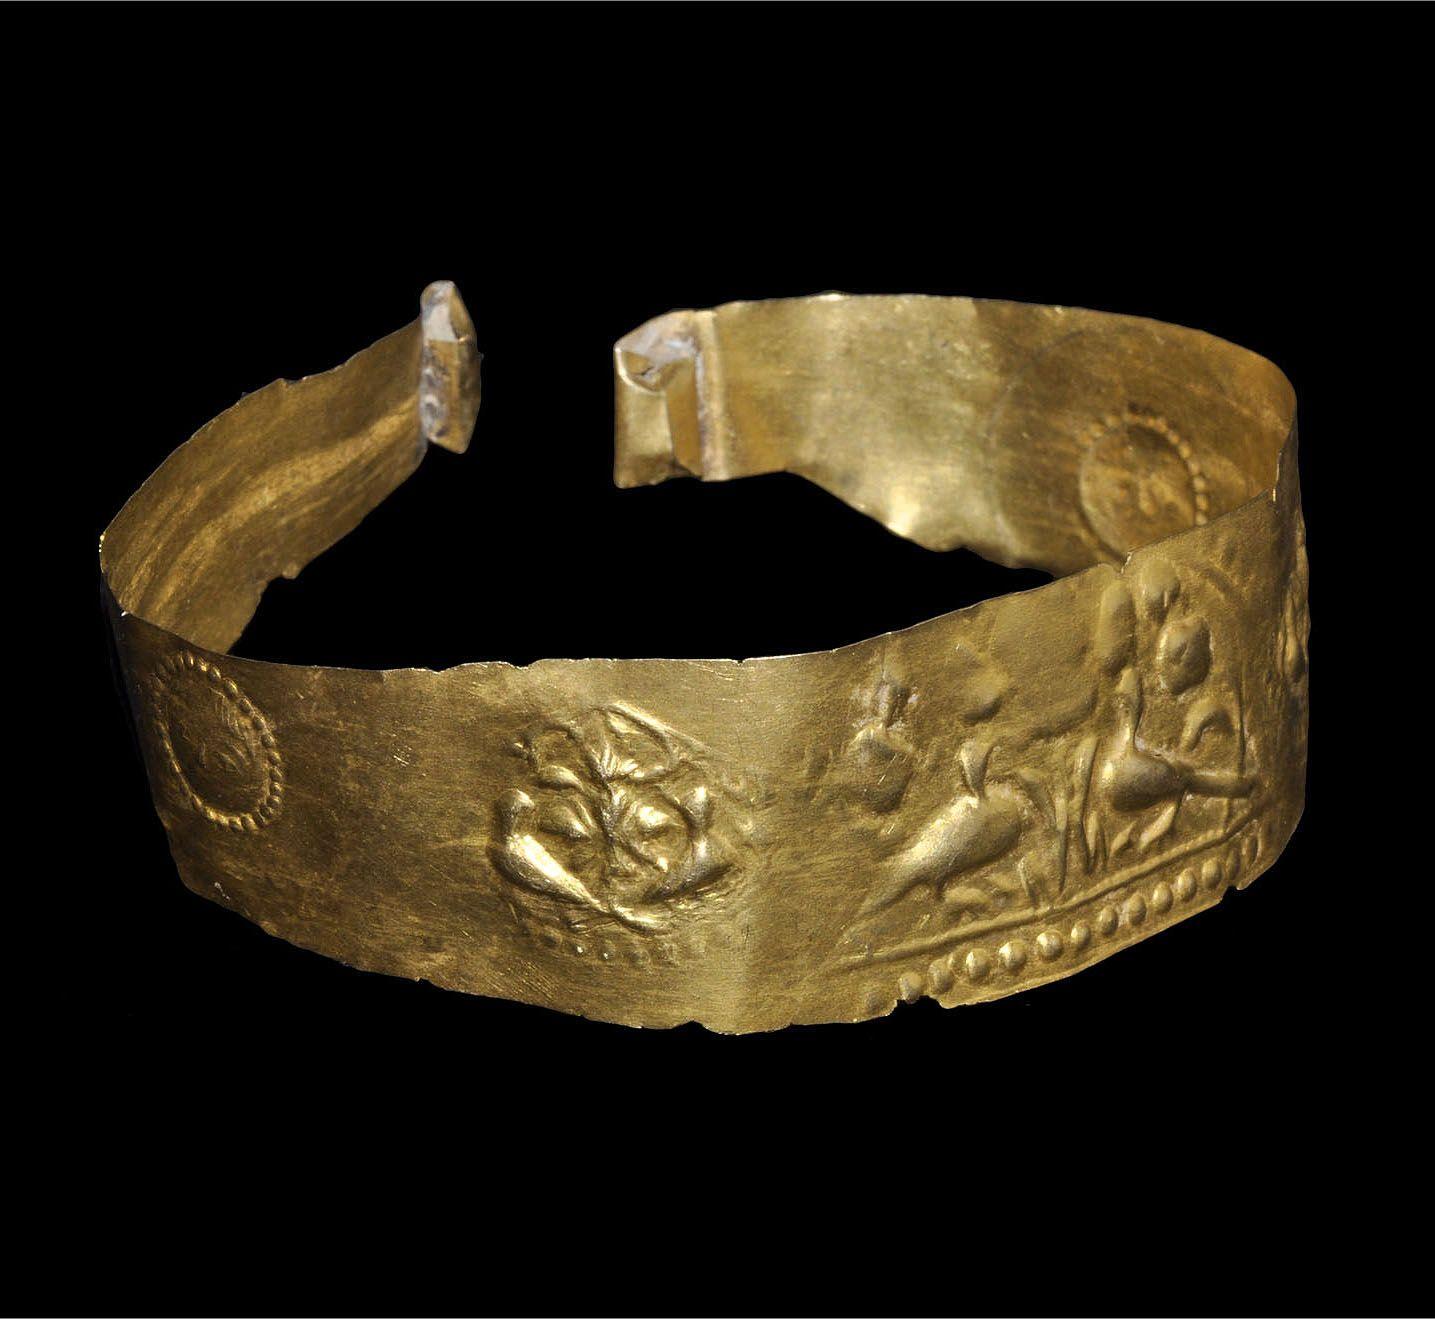 древнегреческие браслеты фото только увеличит